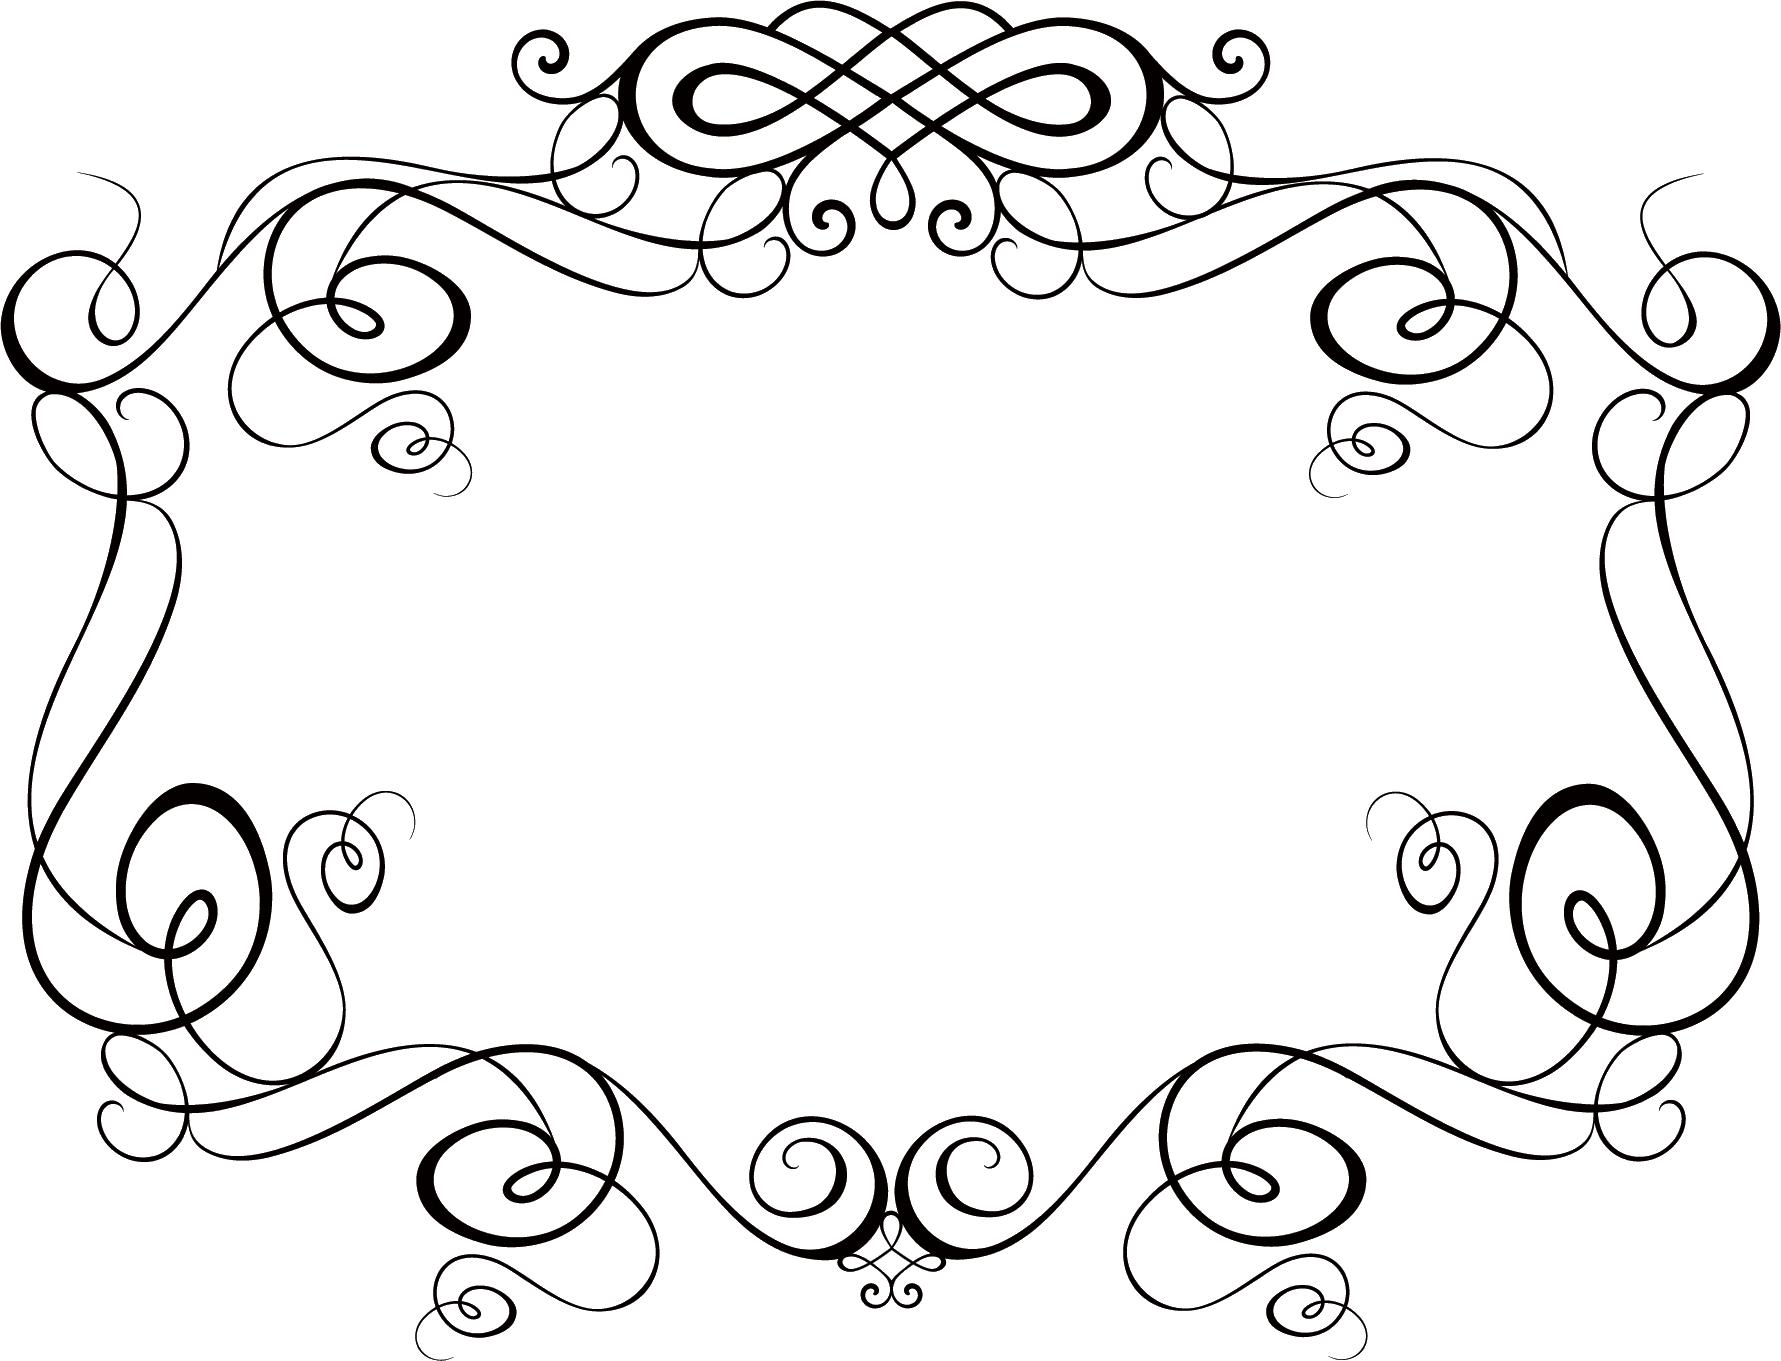 Как нарисовать красивый узор рамку